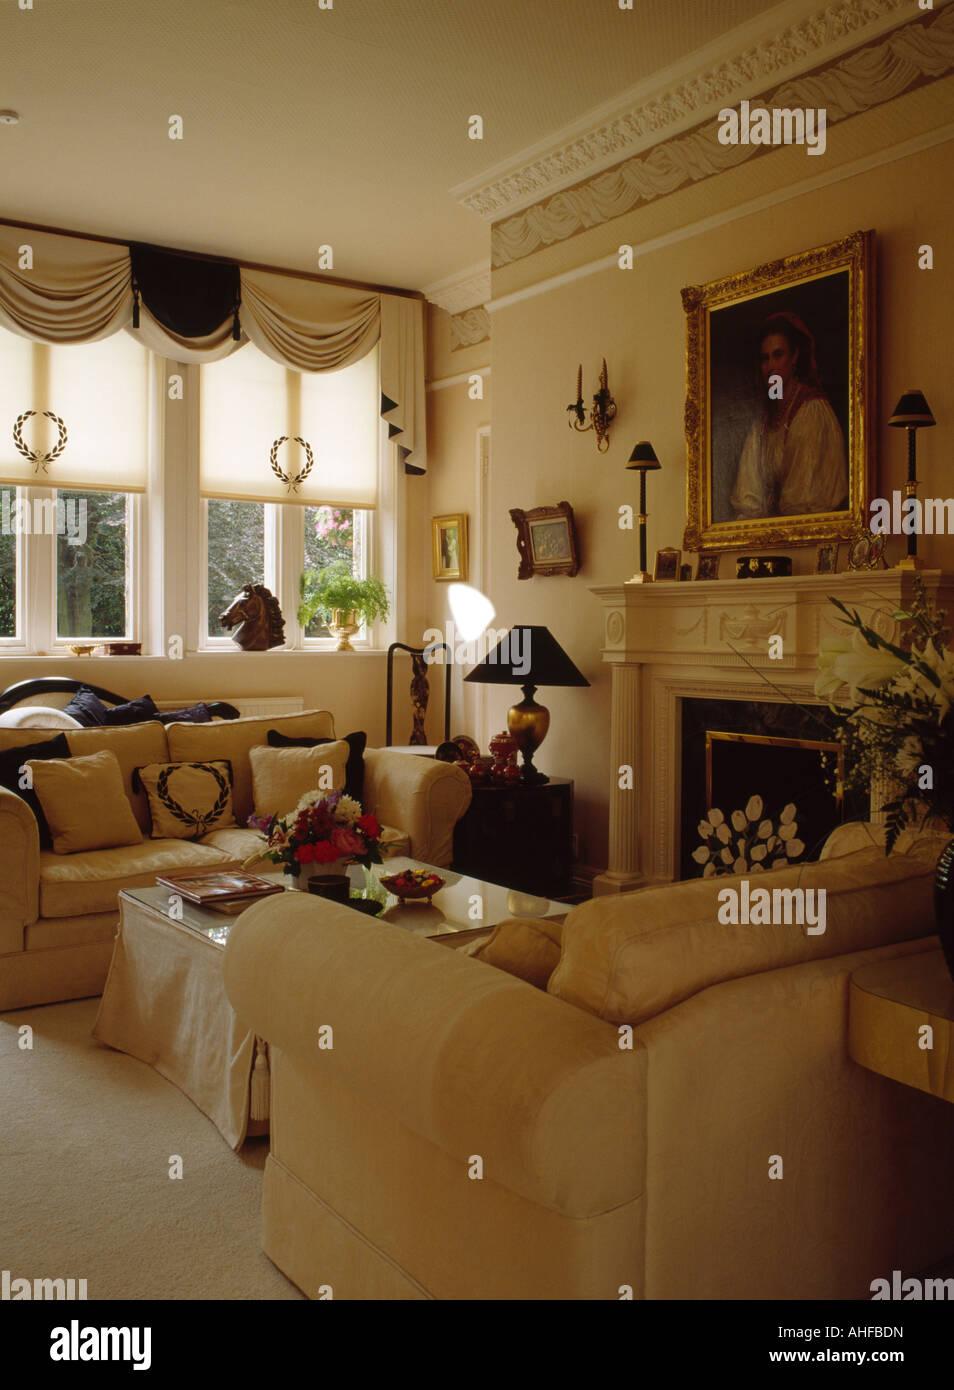 Creme Blind Und Drapierte Vorhänge In Neutralen Wohnzimmer Mit Bild über  Dem Kamin Und Sahne Sofas